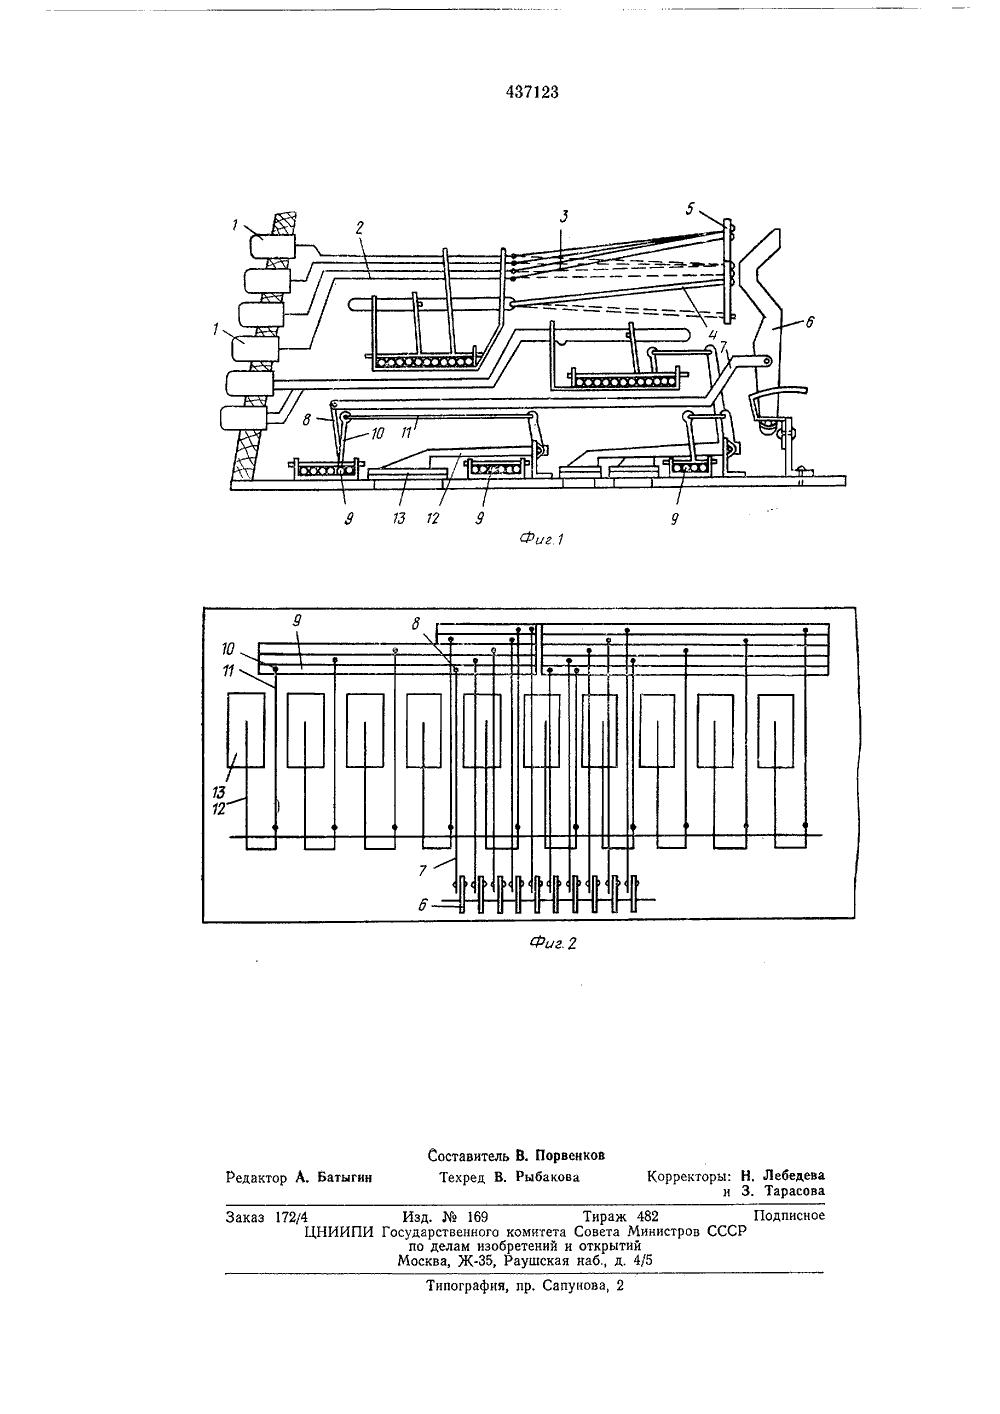 Аккорды на аккордеоне схема